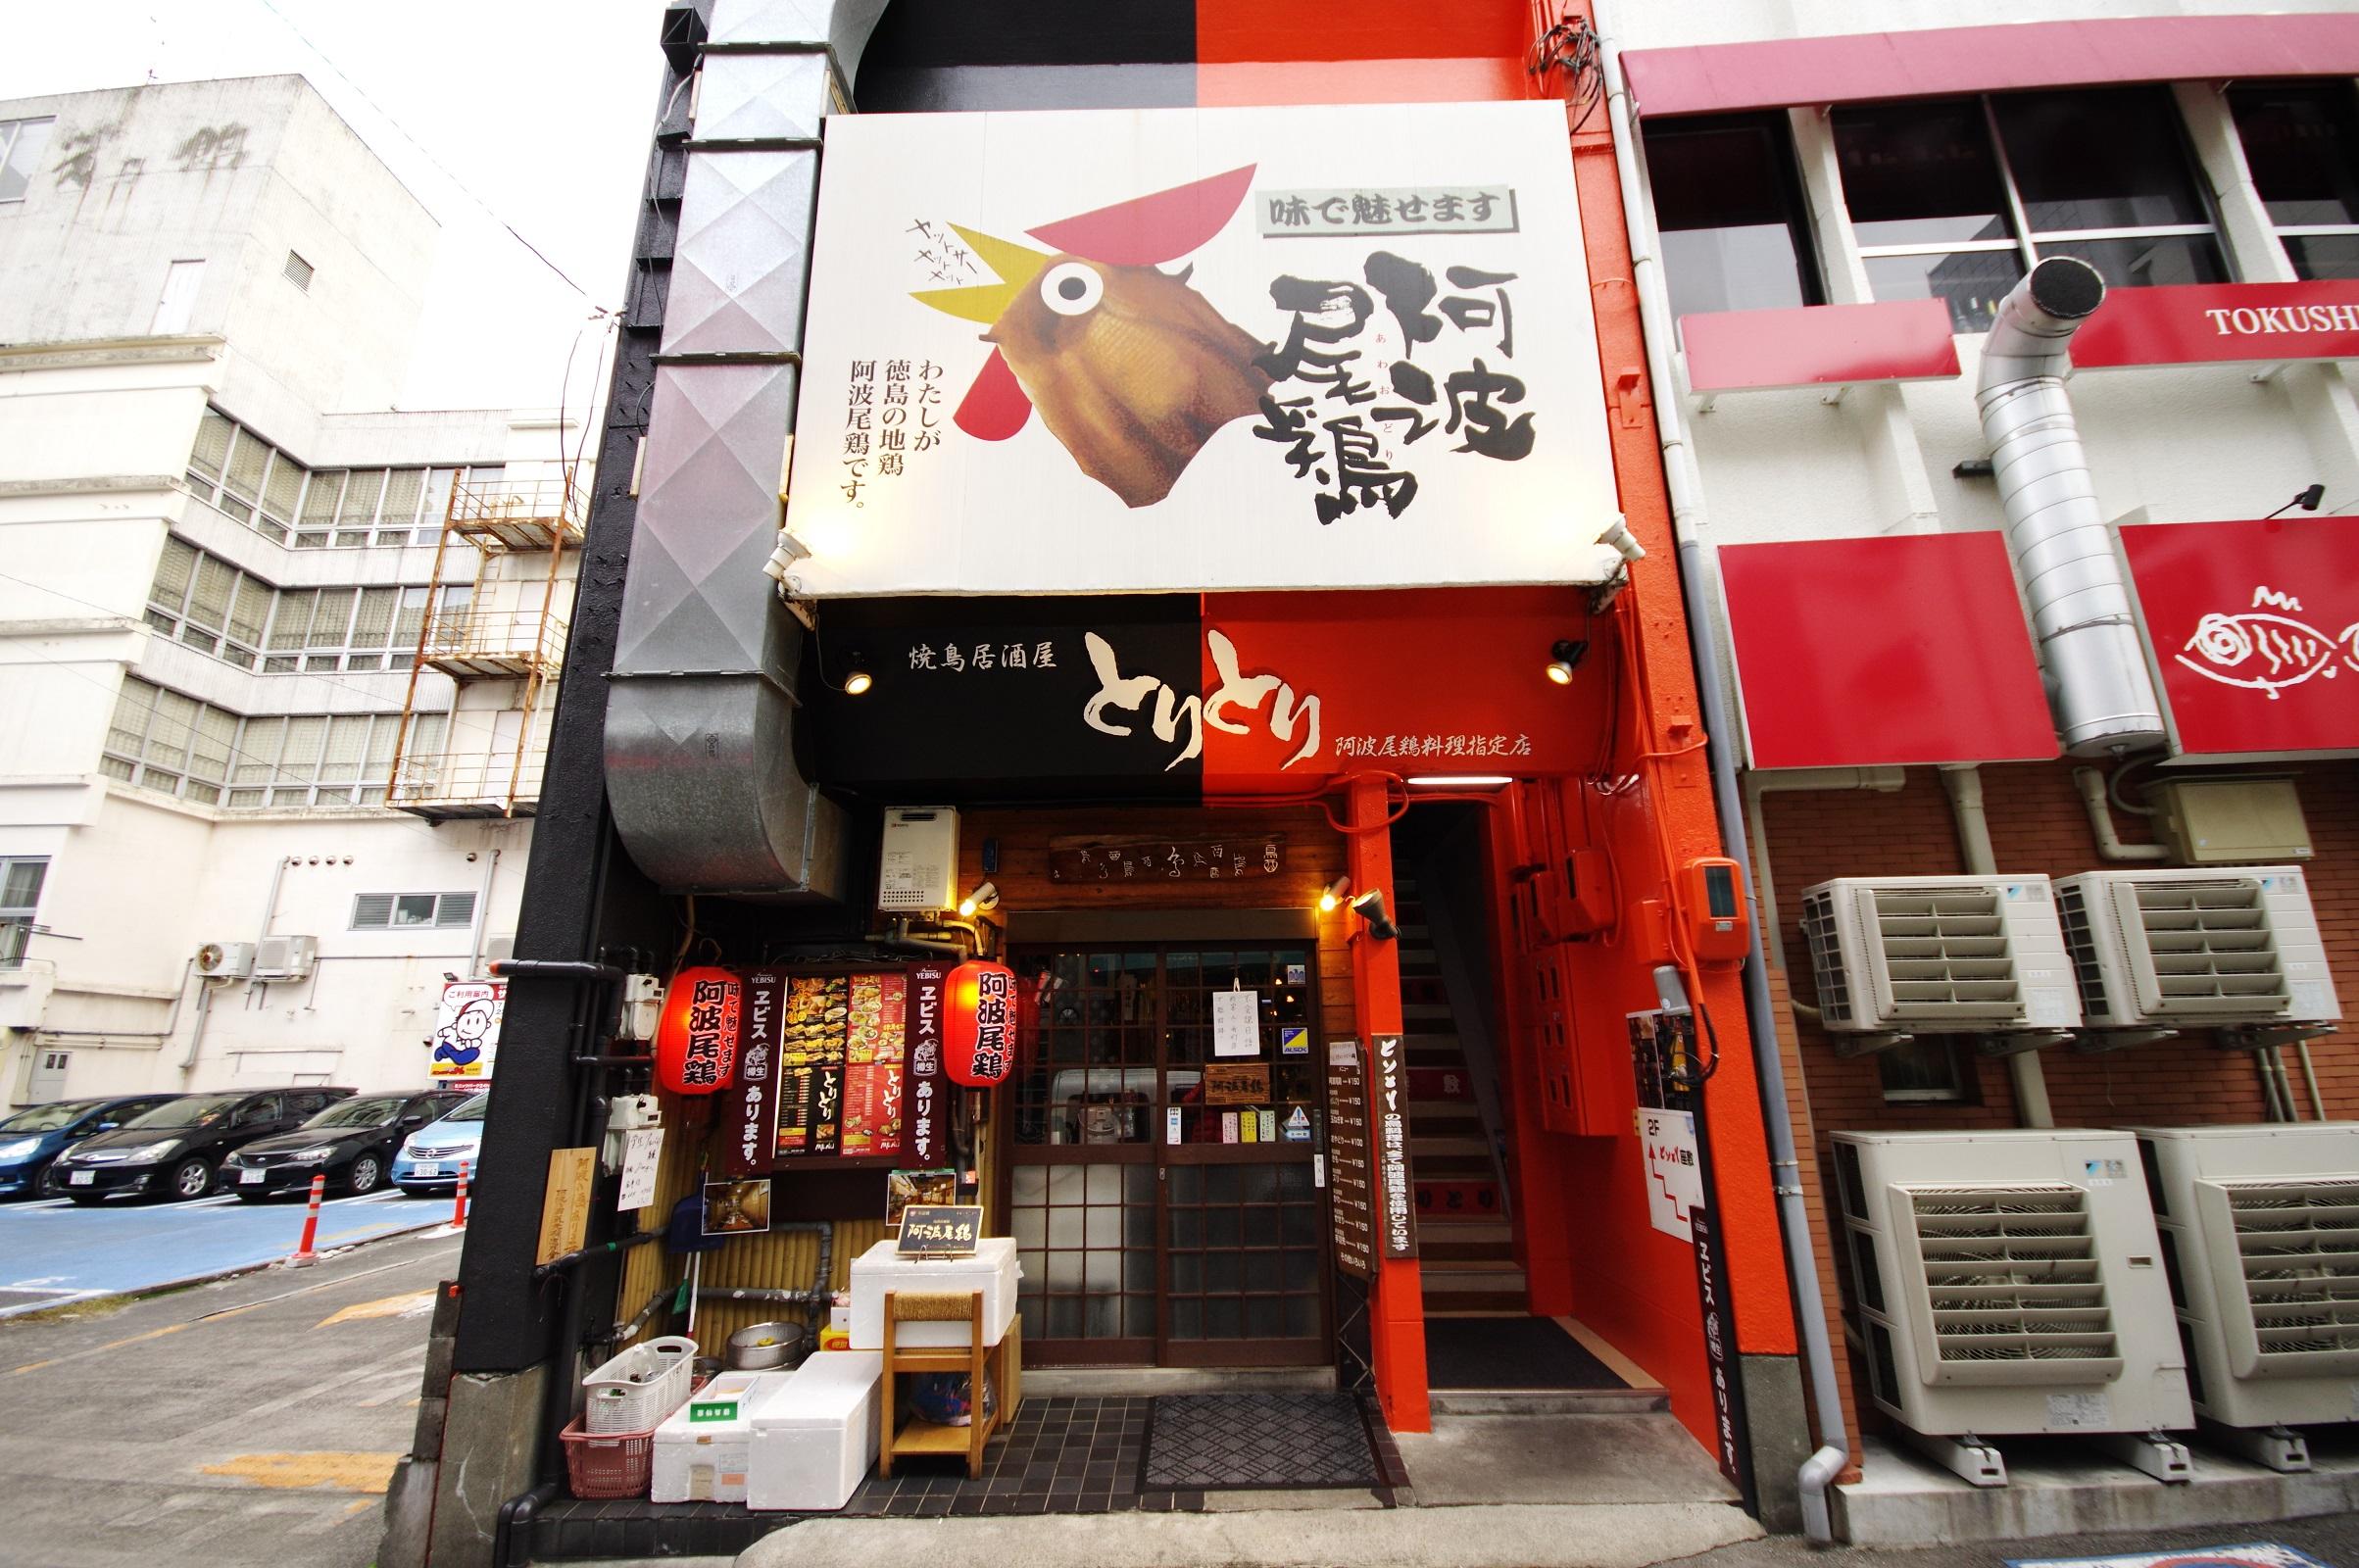 徳島駅前の焼鳥店「とりとり」で、超レアな阿波尾鶏のきも&手羽先を喰らう